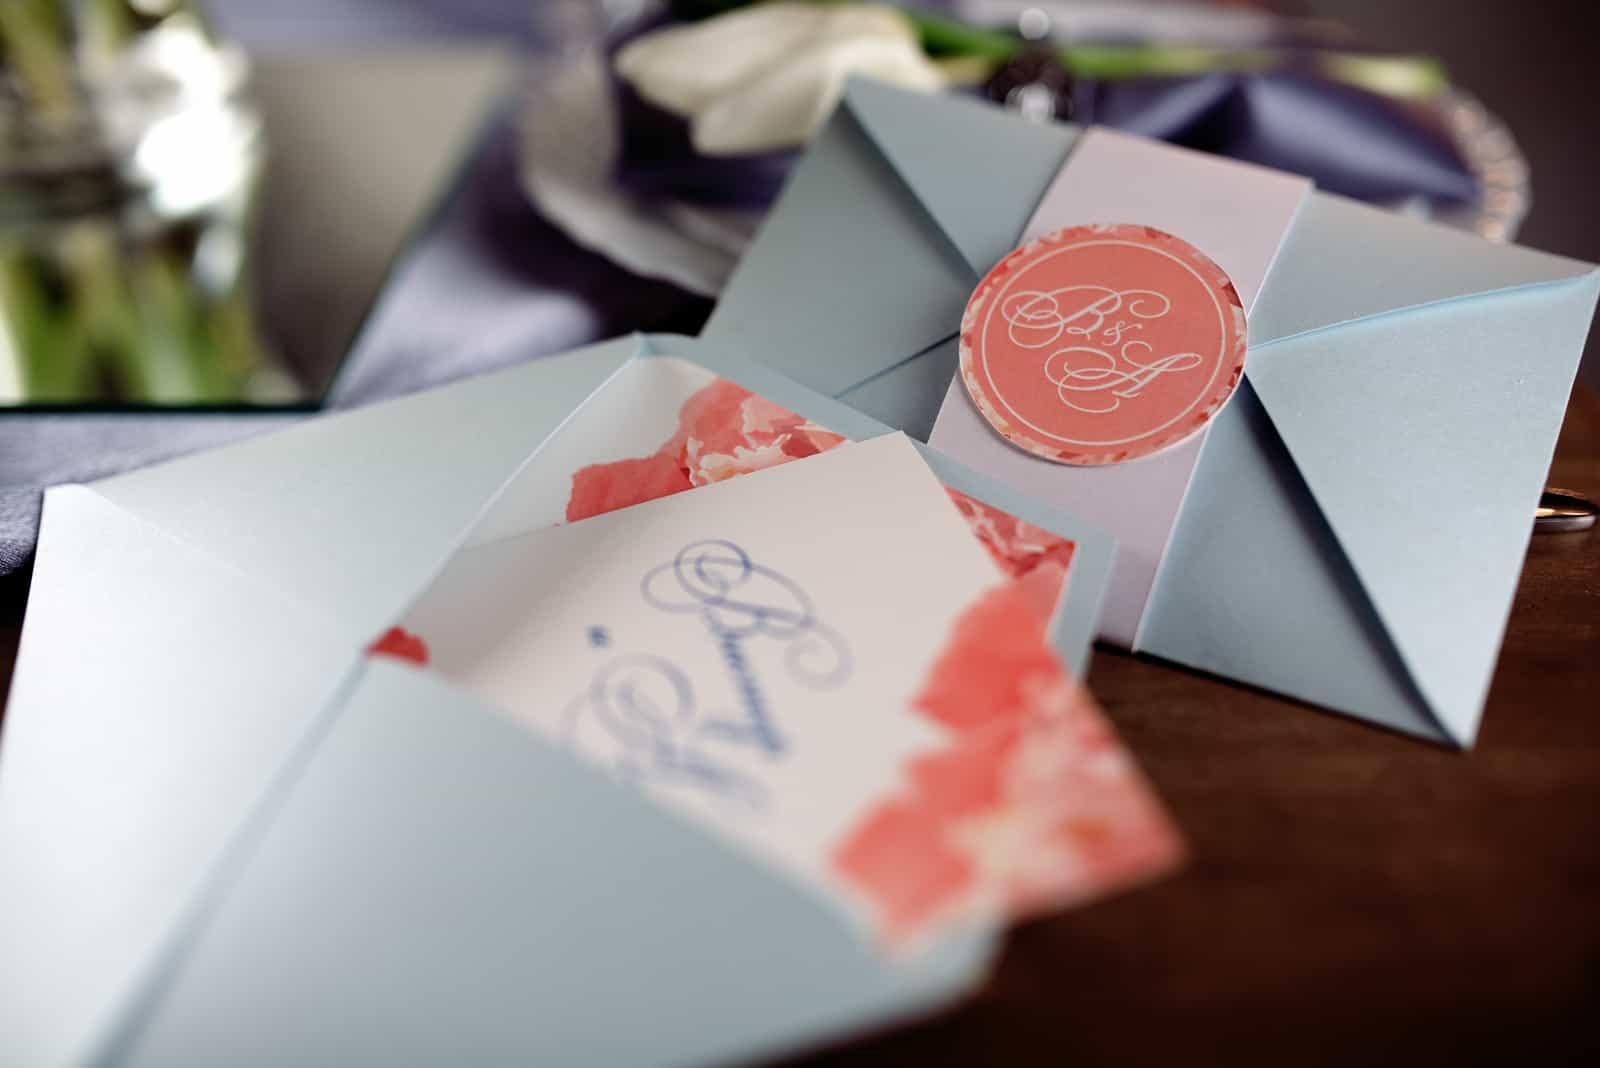 Umschlag Brief auf dem Tisch